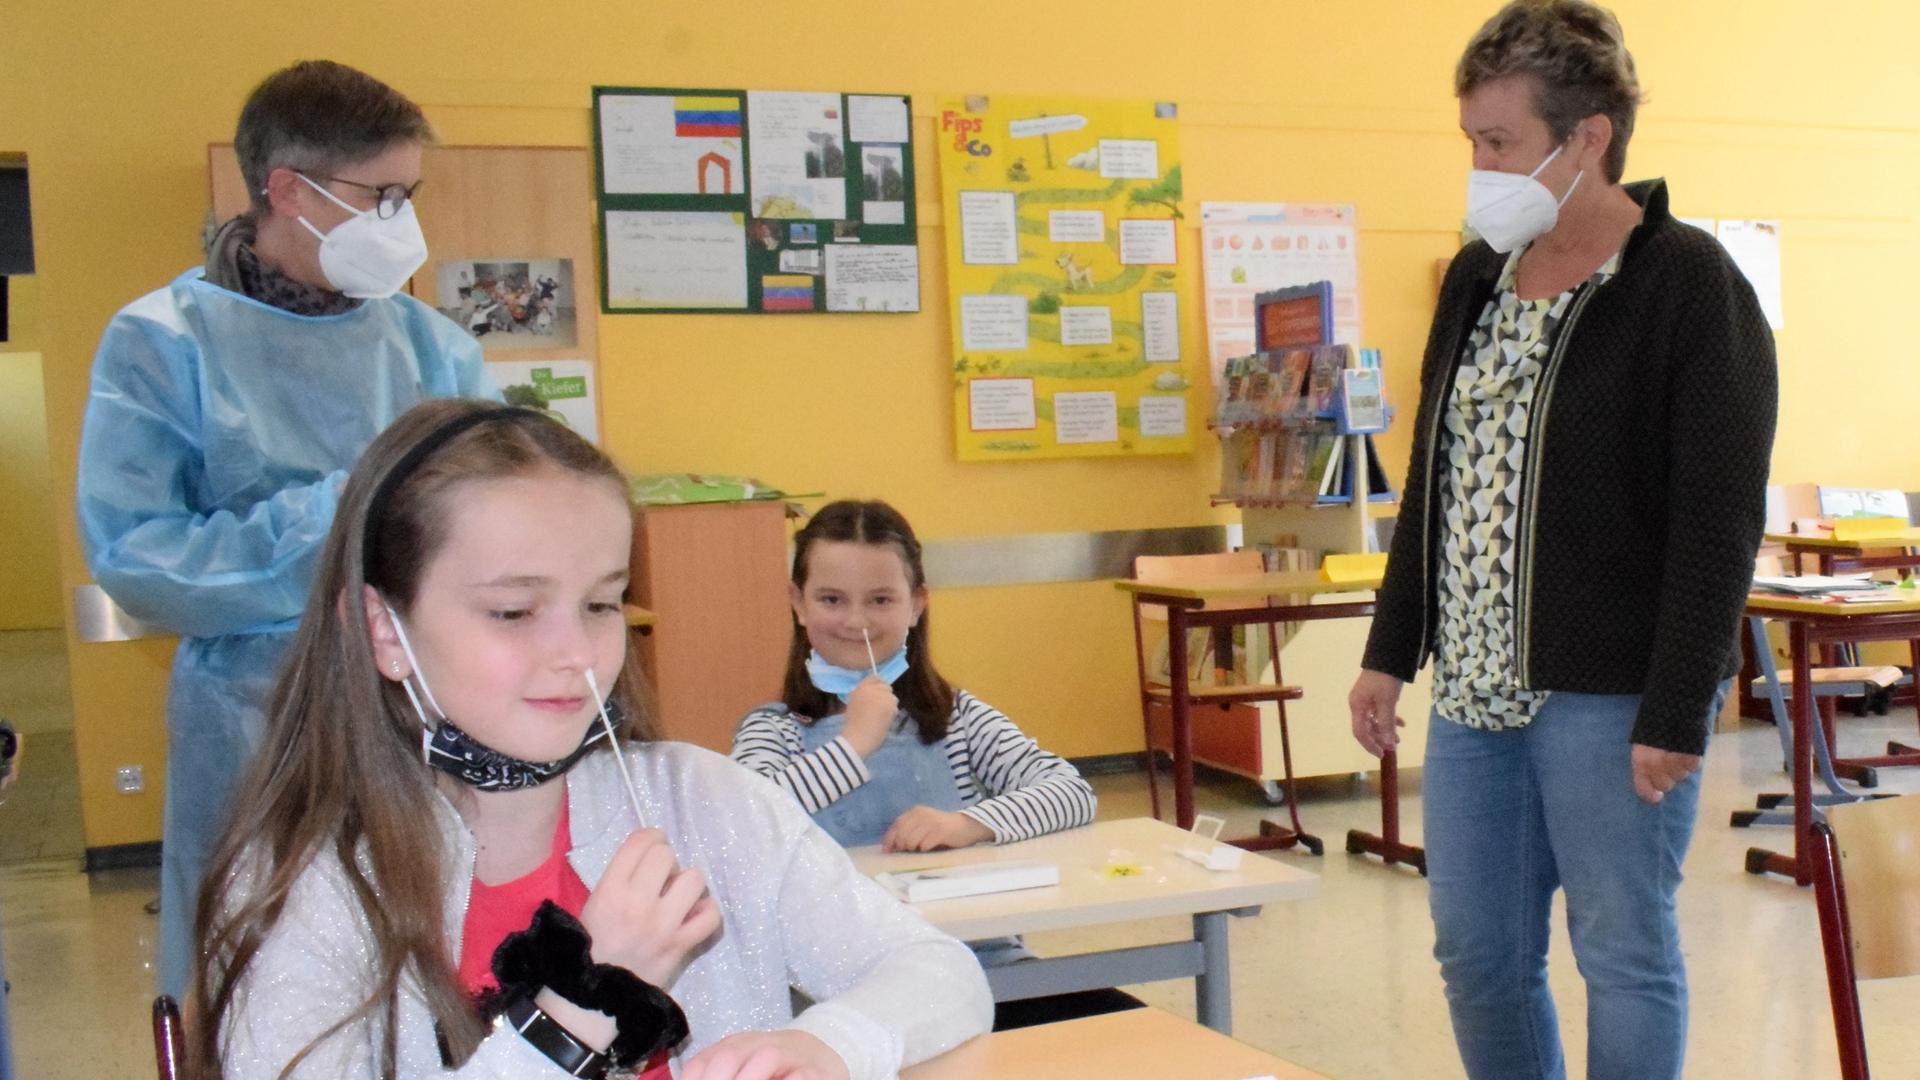 Zwei Schülerinnen sitzen in einem Klassenzimmer und führen ein Stäbchen an ihre Nase. Zwei Frauen beobachten sie dabei.